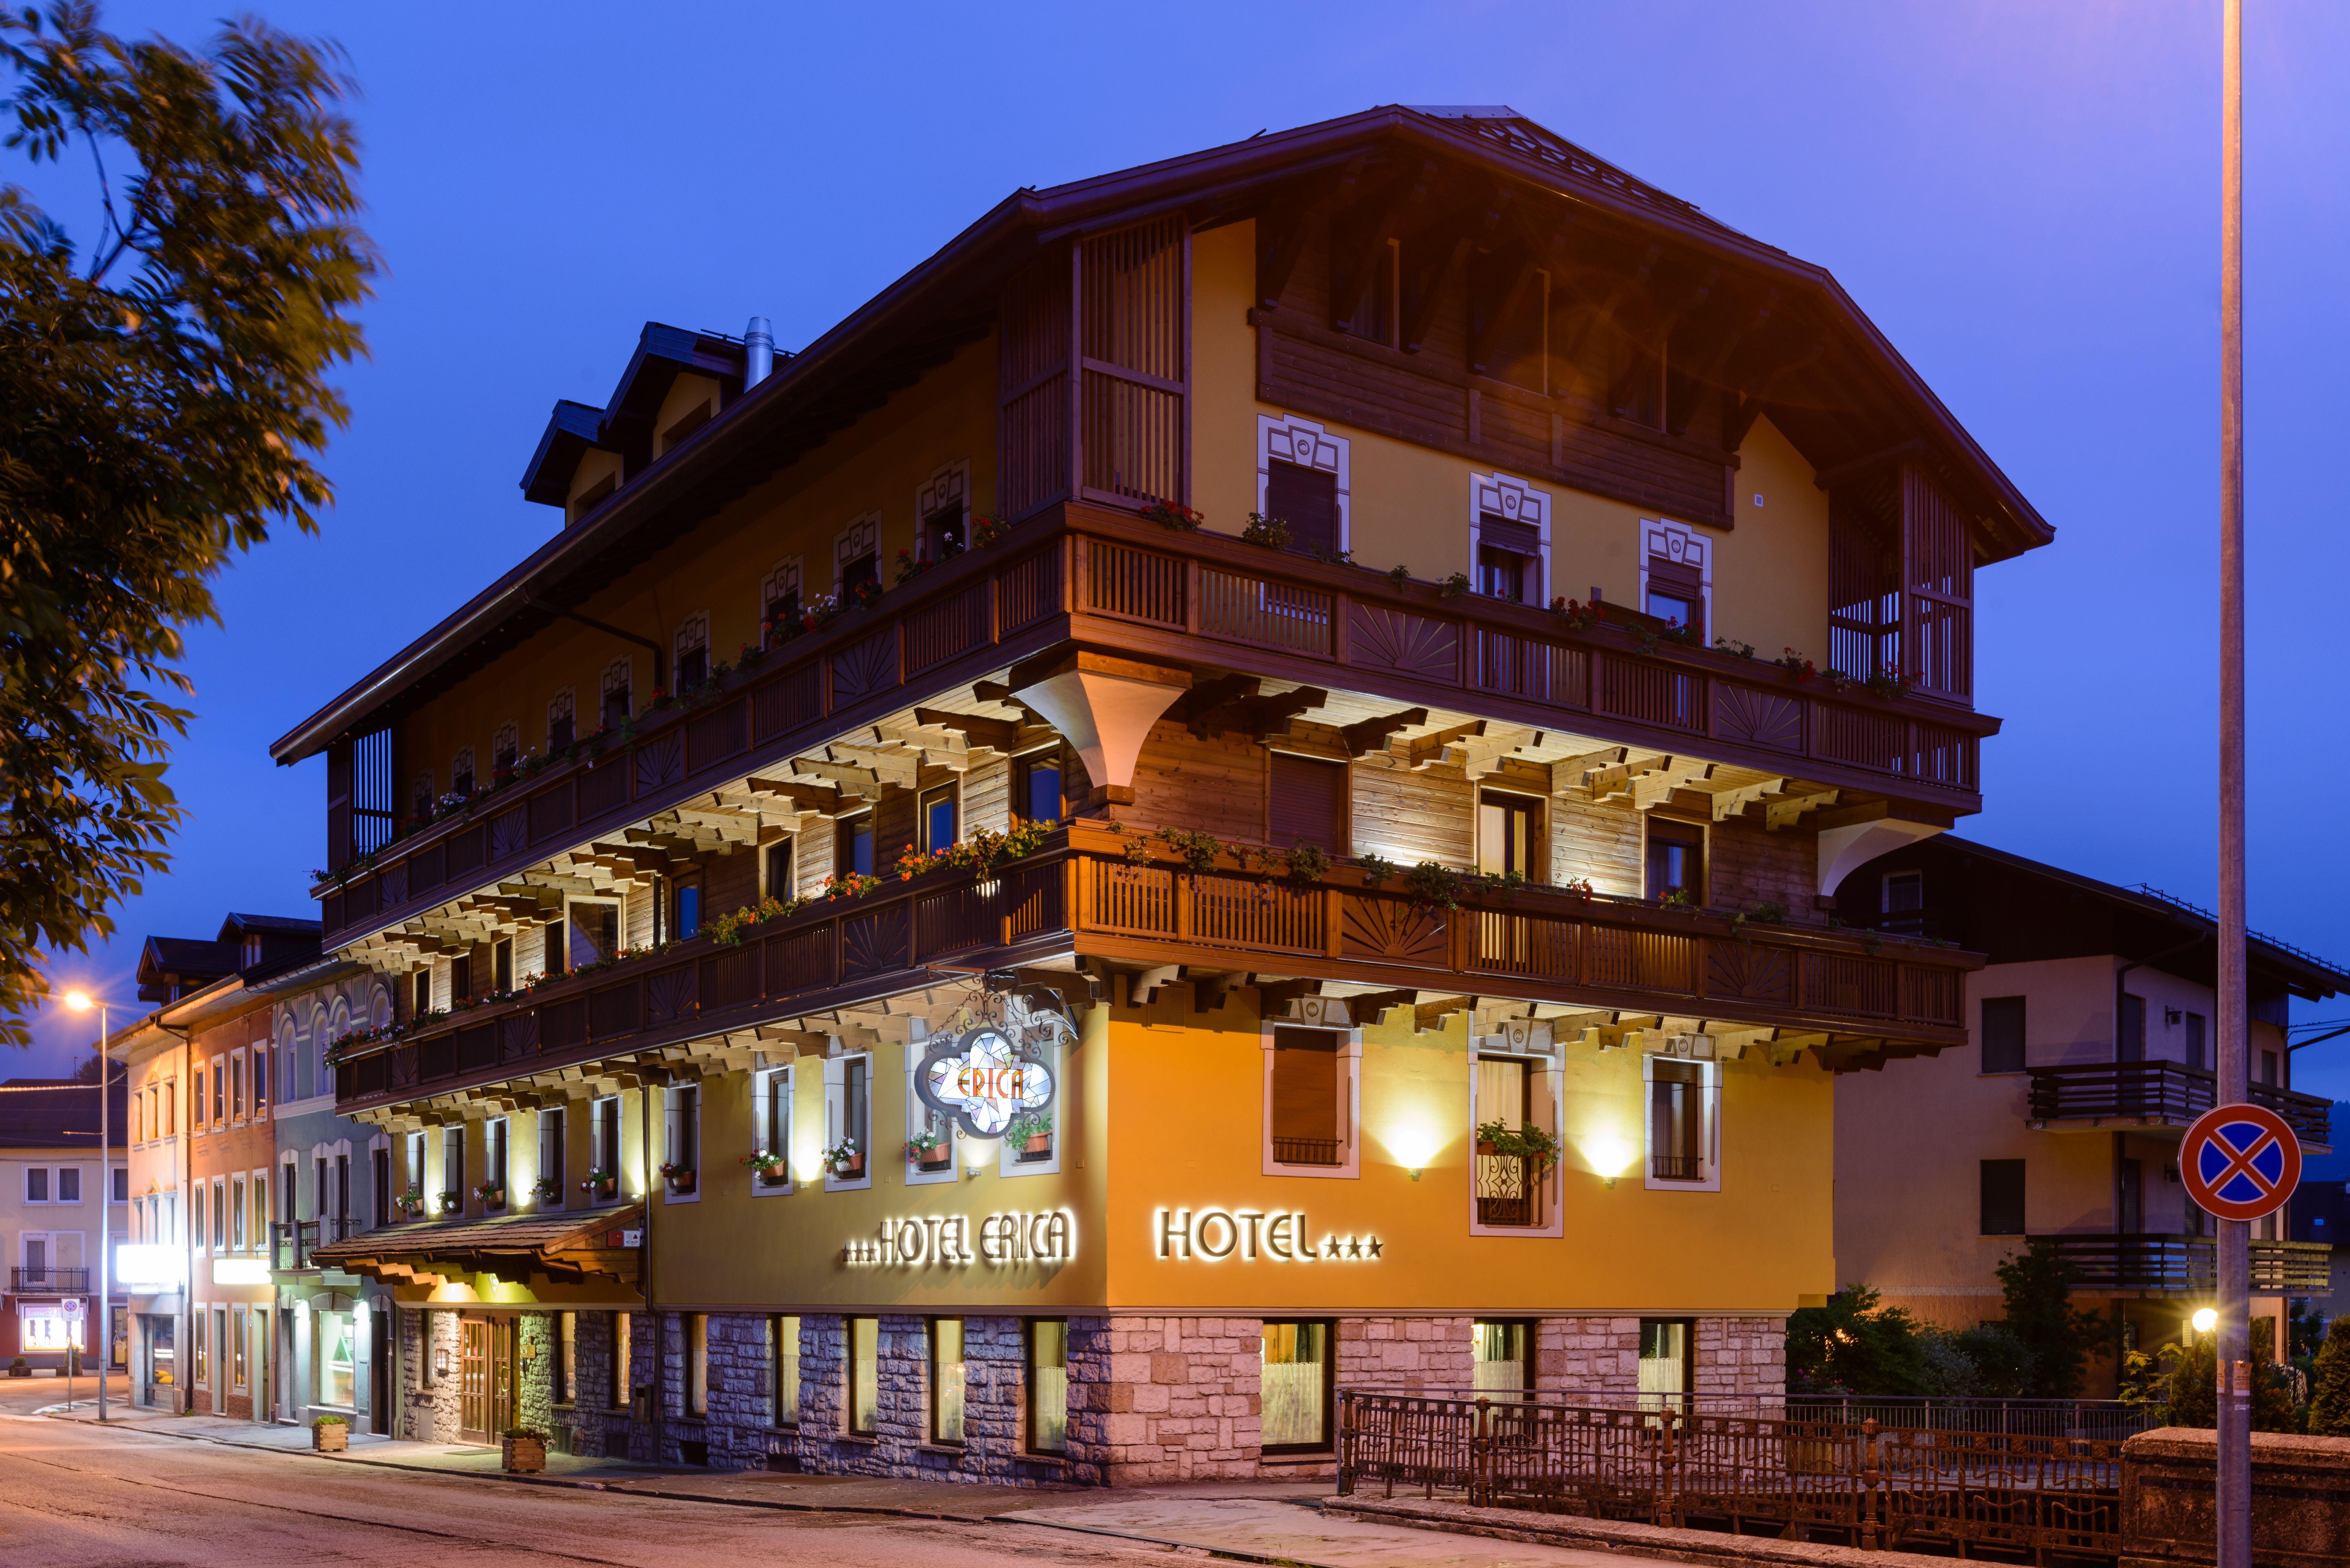 Hotel e alberghi ad asiago per la tua settimana bianca for Albergo paradiso asiago